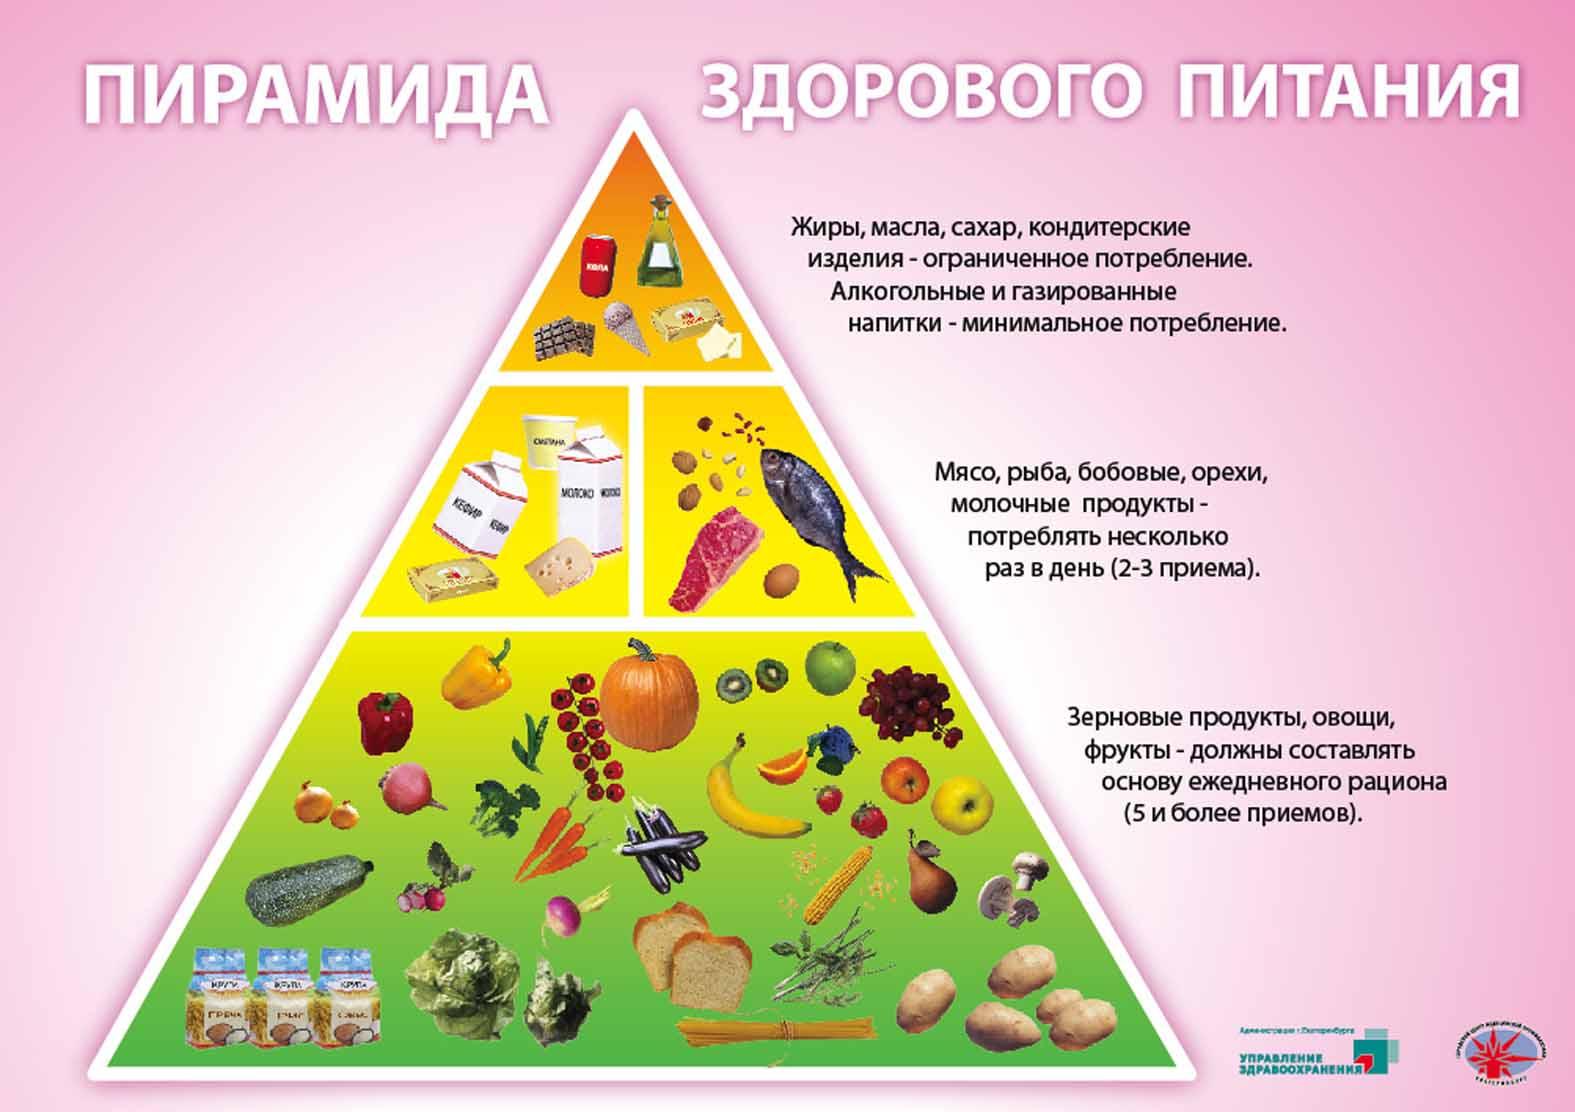 Здоровое питание картинки для школьников плакаты